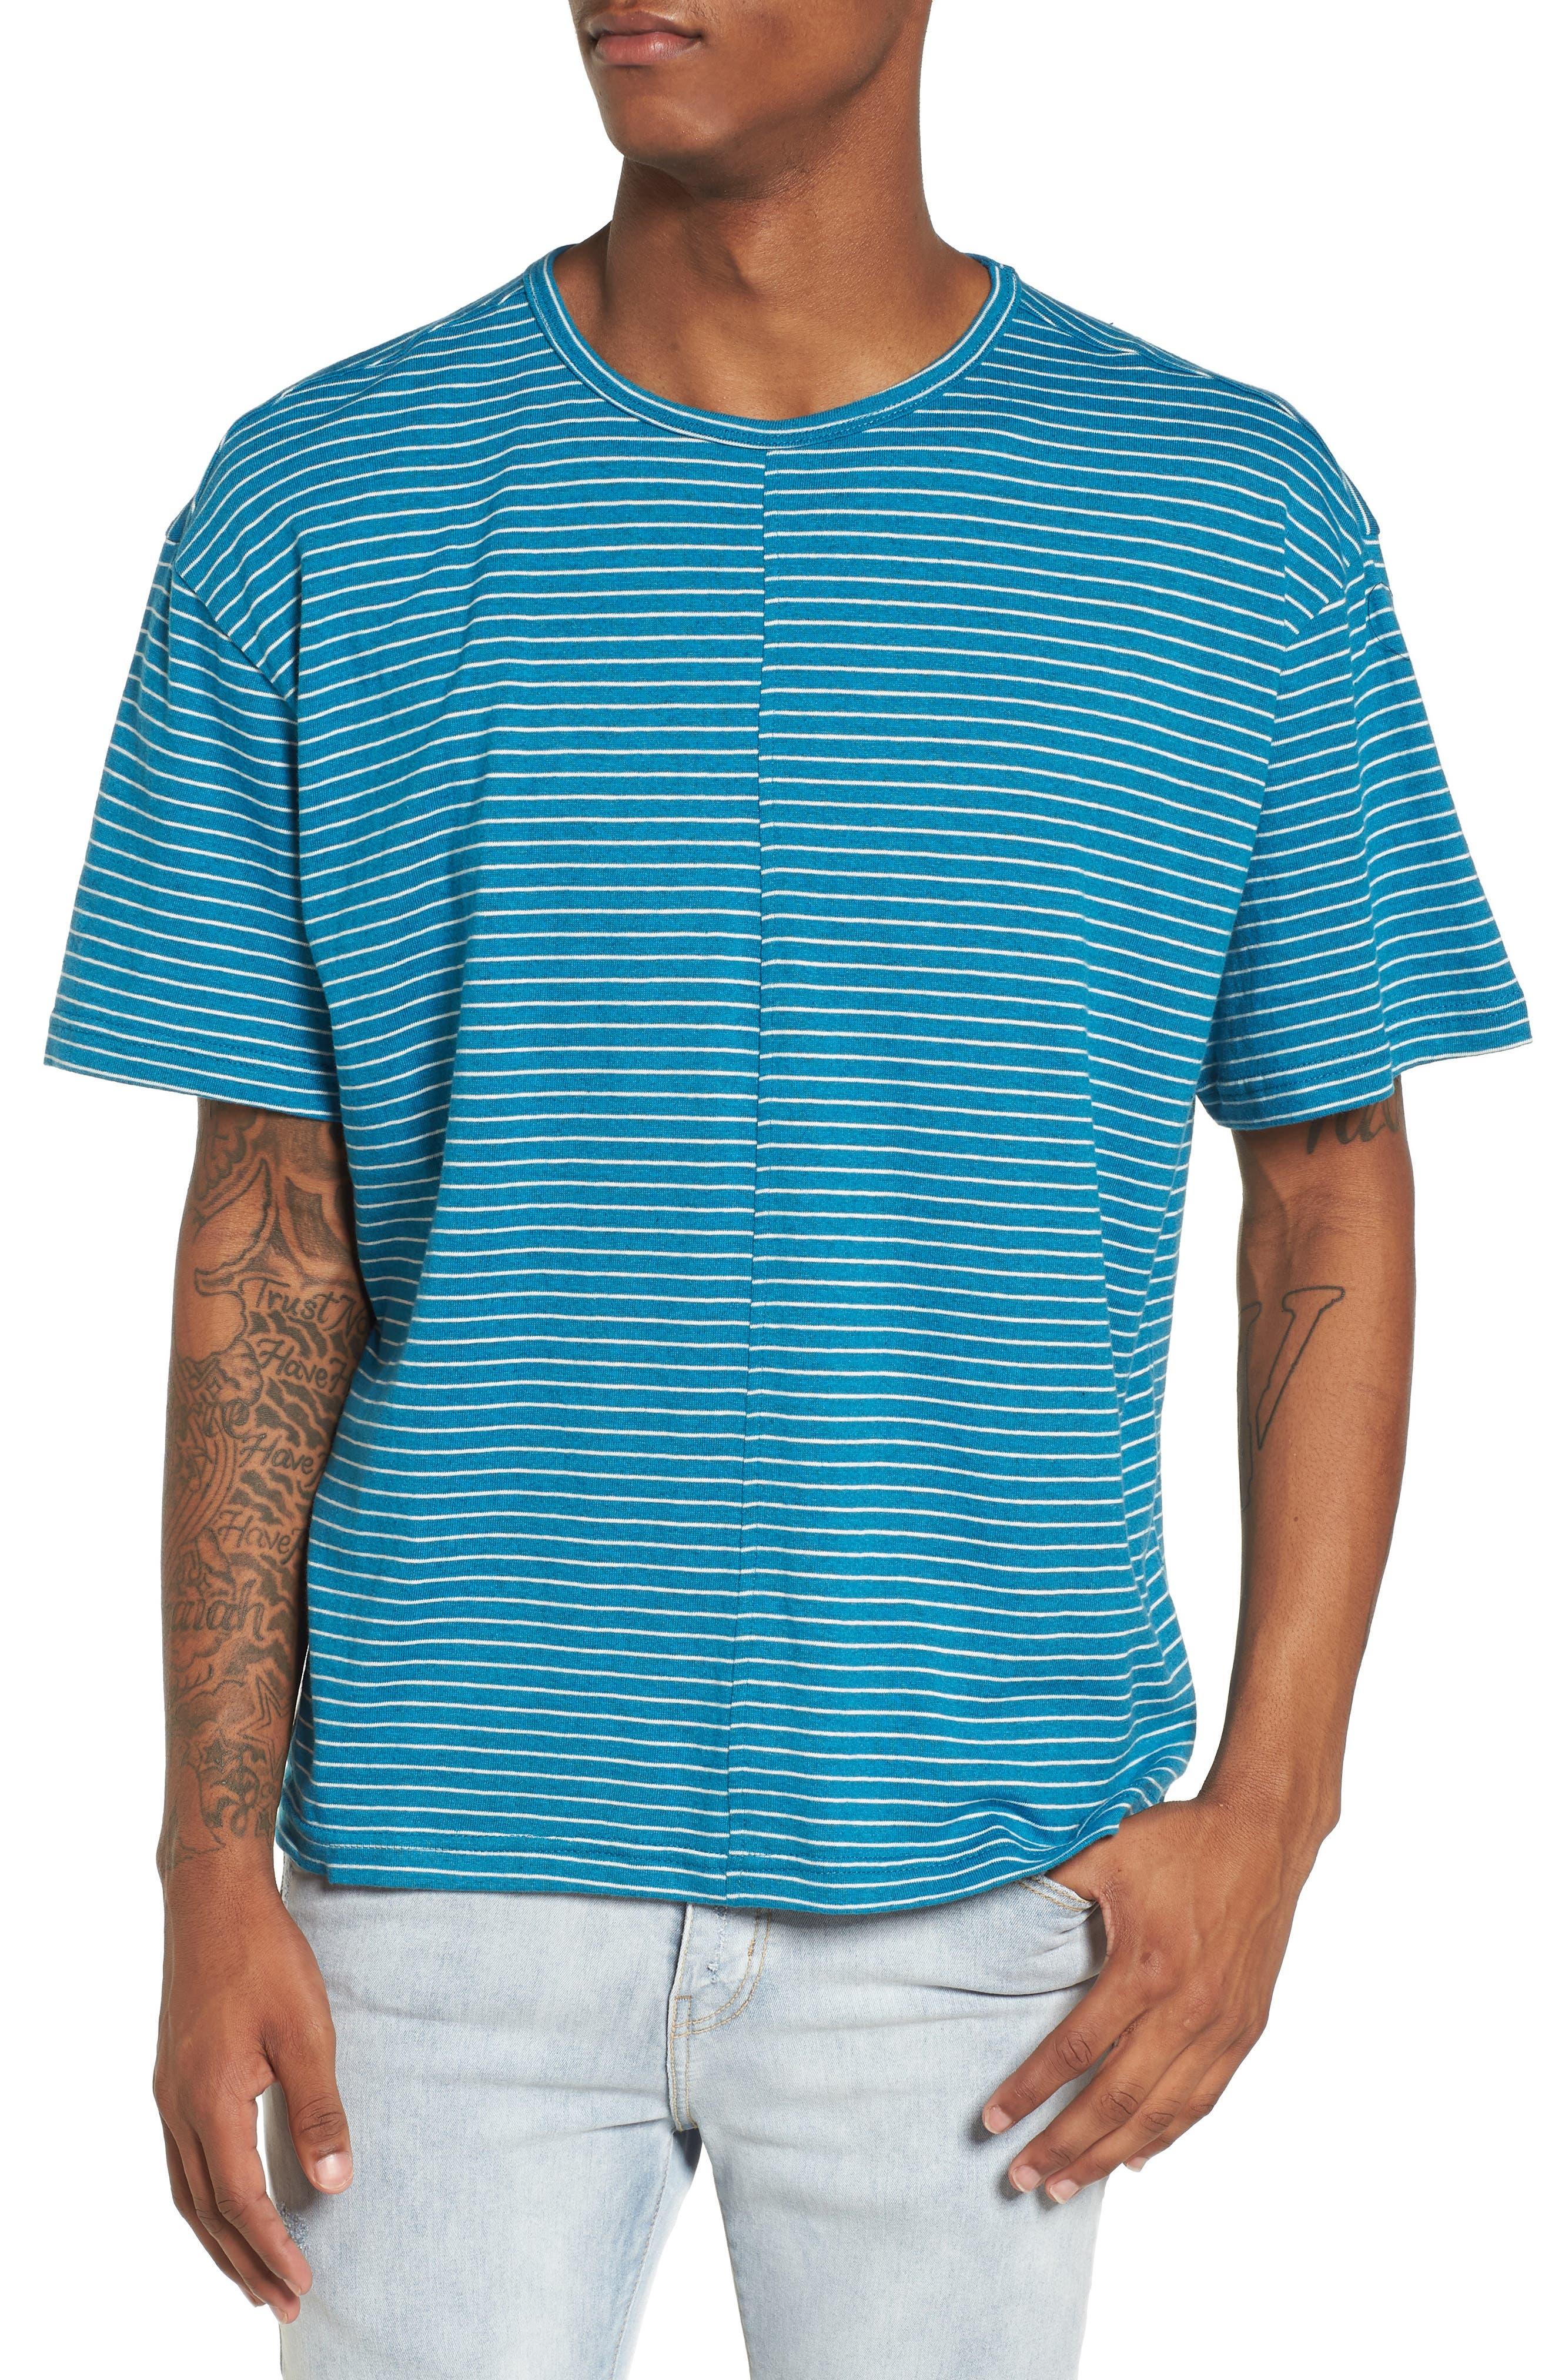 Boost T-Shirt,                             Main thumbnail 1, color,                             Teal